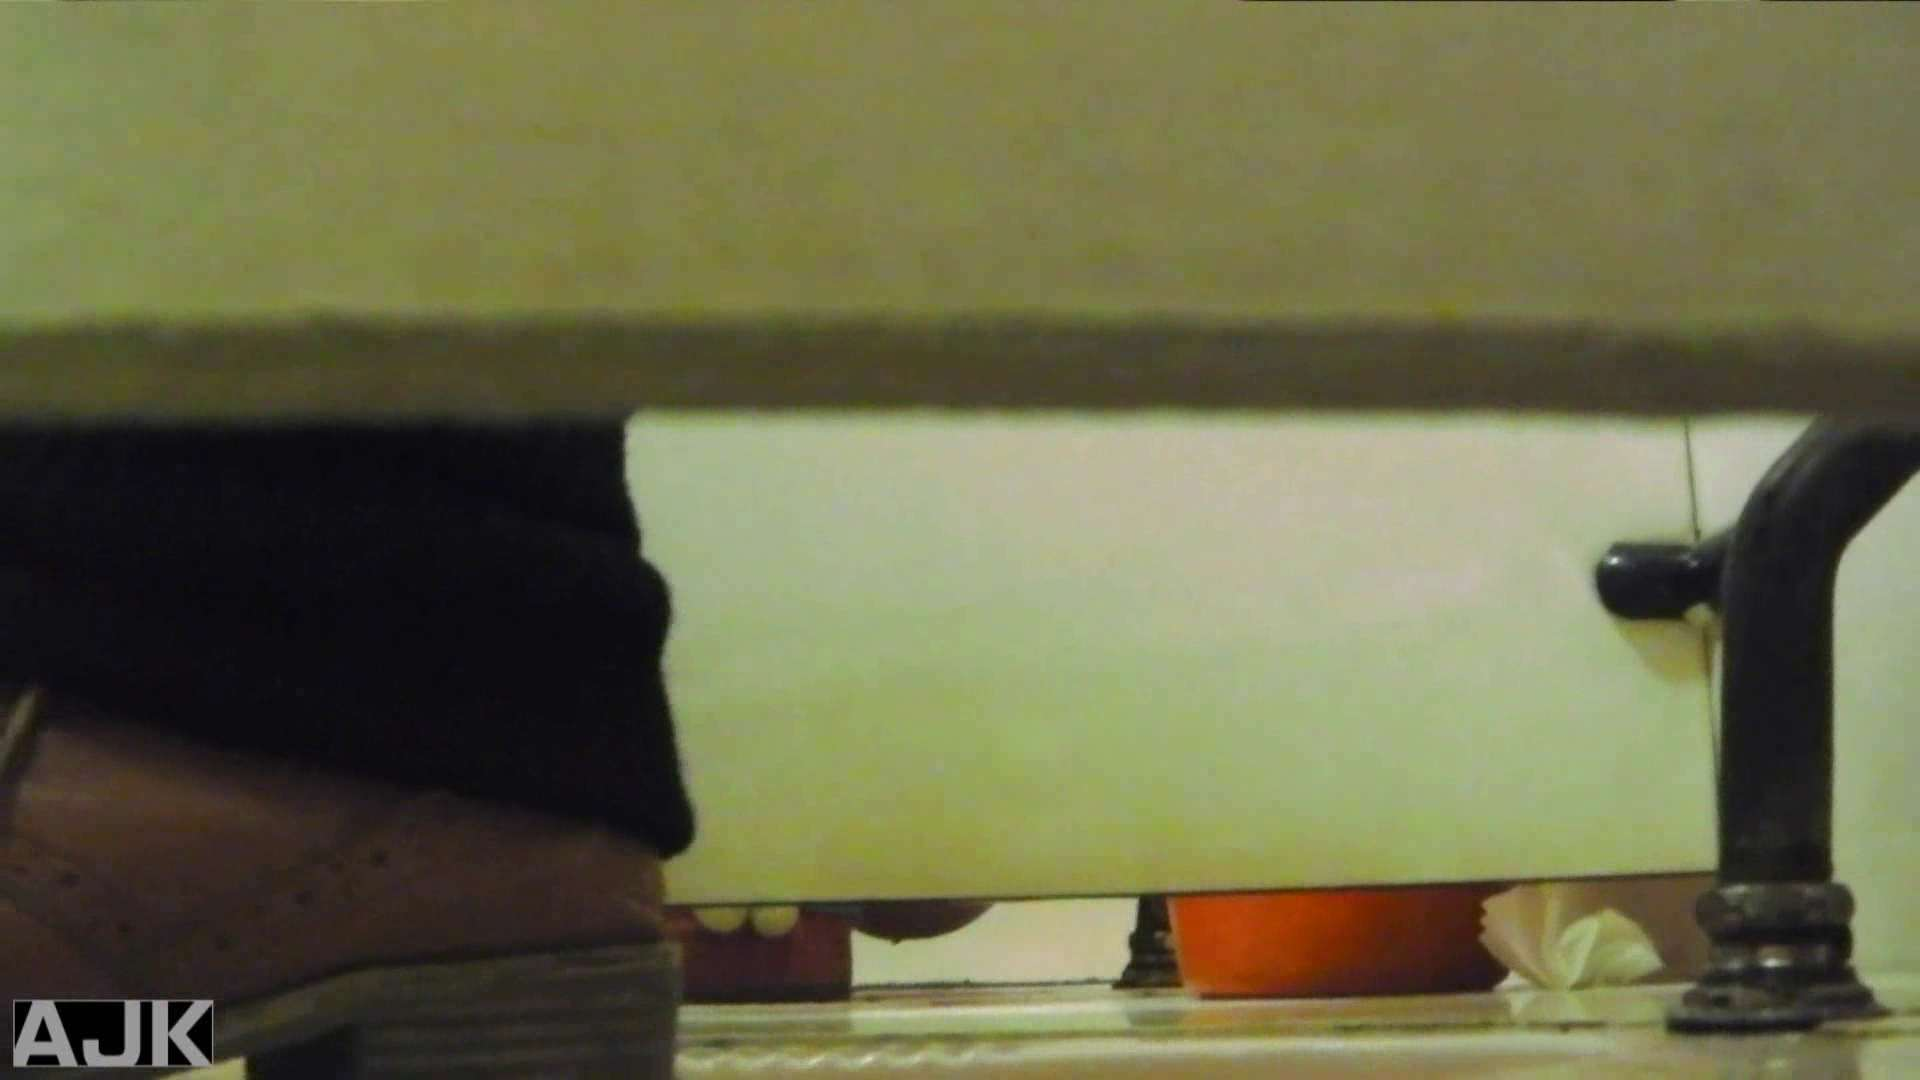 隣国上階級エリアの令嬢たちが集うデパートお手洗い Vol.14 OLの実態  97pic 82